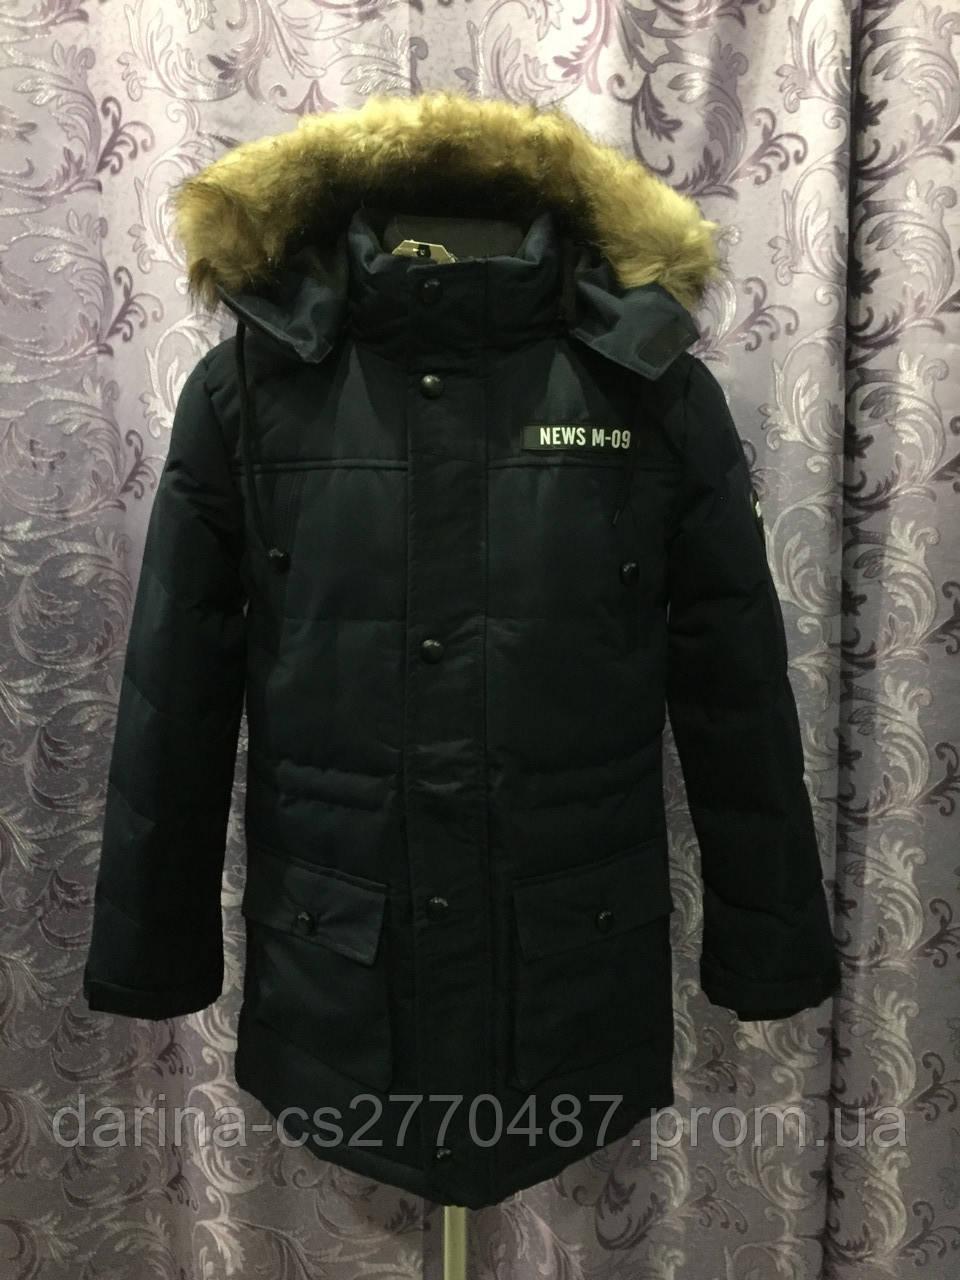 Зимняя куртка для мальчика 134/140,158/164 см